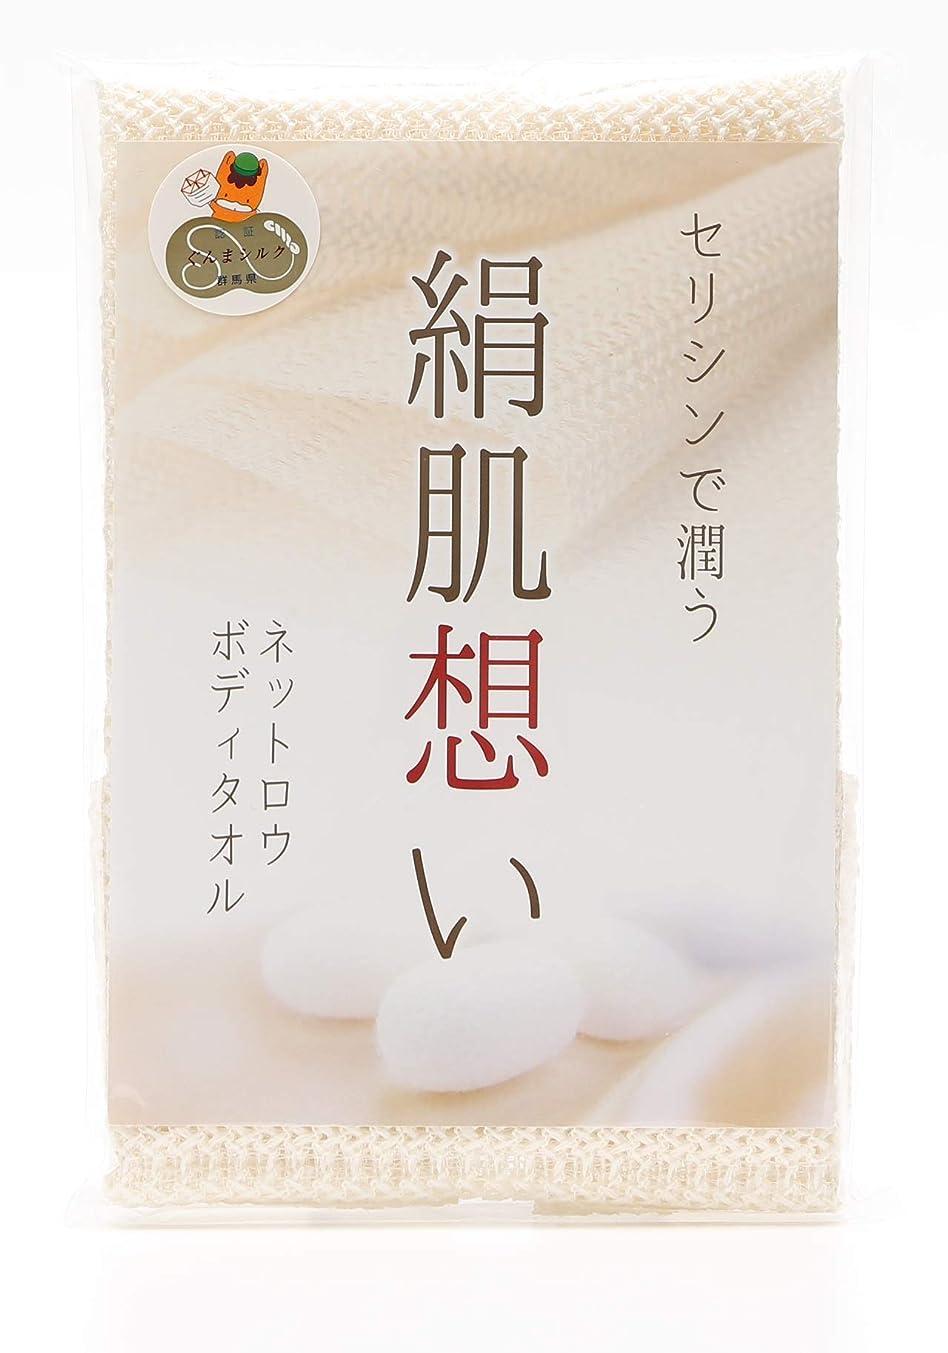 割り当ておいしいトーナメント[ハッピーシルク] シルクボディータオル 「絹肌想い 」浴用ボディタオル セリシンで潤う シルク100% ネットロウ